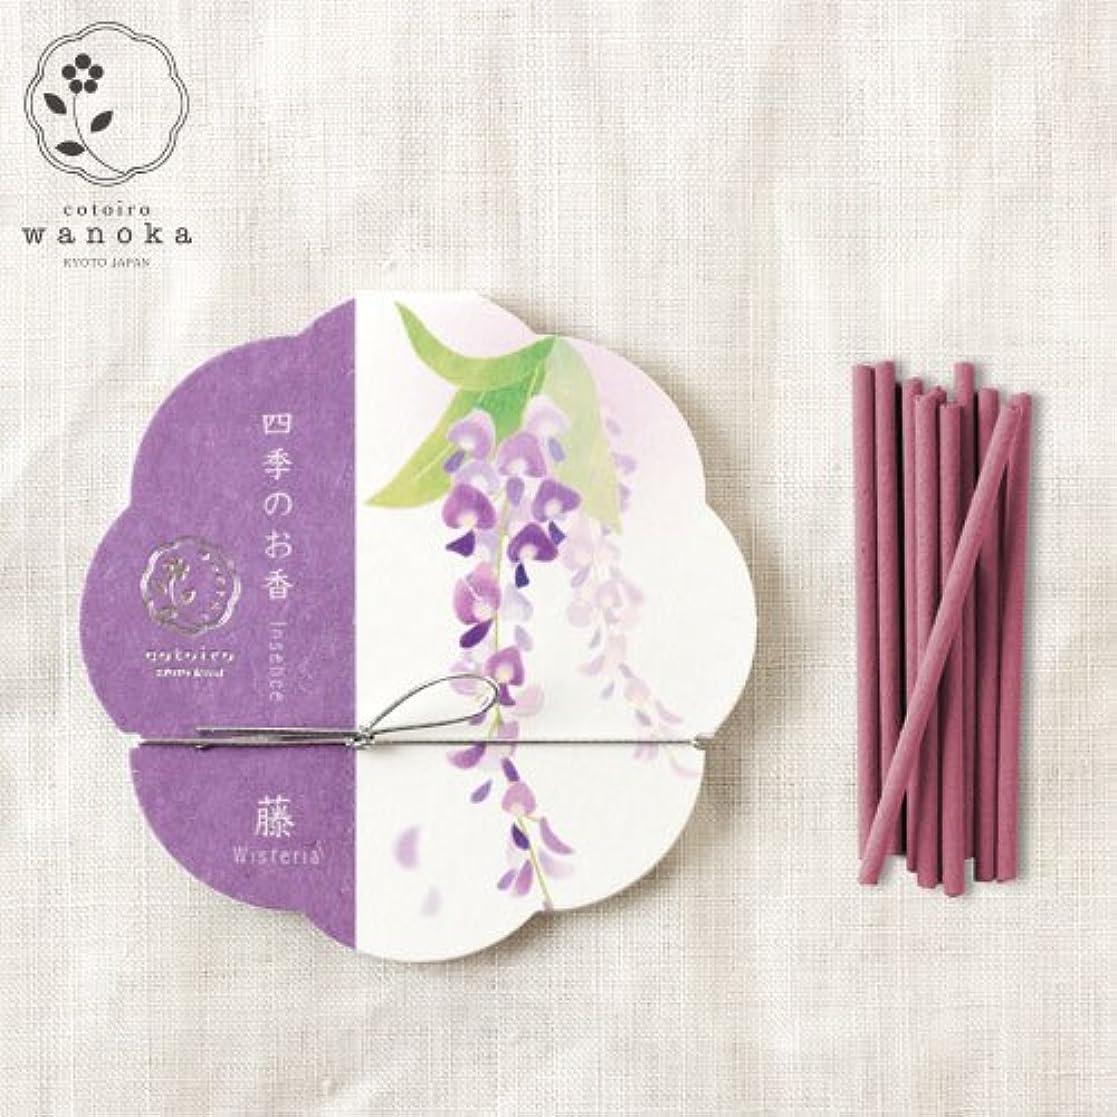 白い章危険なwanoka四季のお香(インセンス)藤《藤をイメージした華やかな香り》ART LABIncense stick